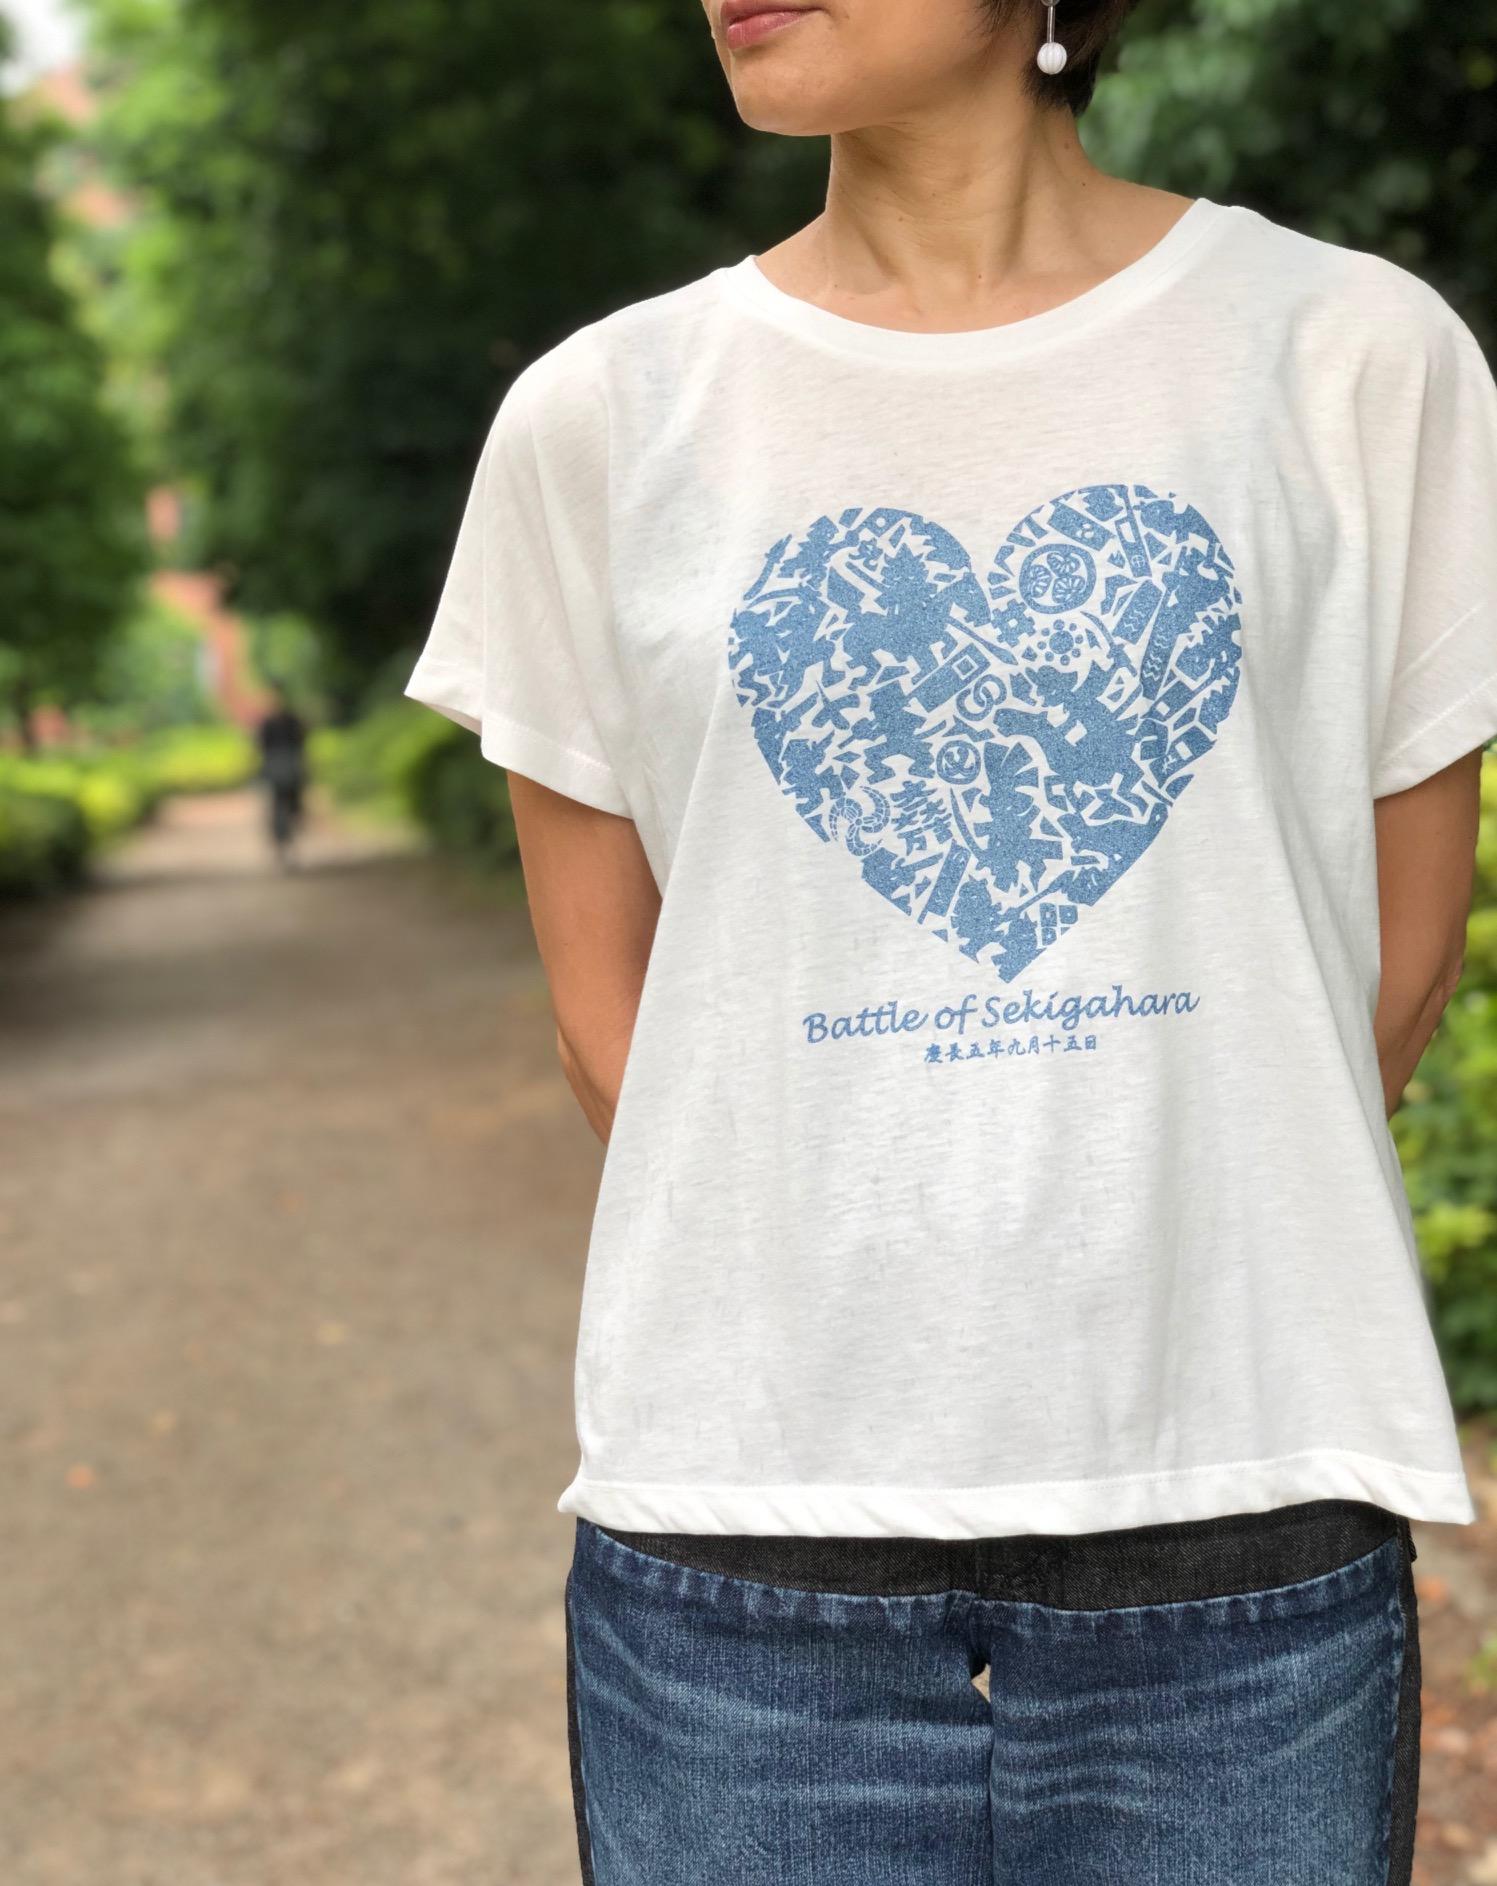 関ヶ原の戦いハート型イラストドルマンTシャツ 侍気分戦国グッズ